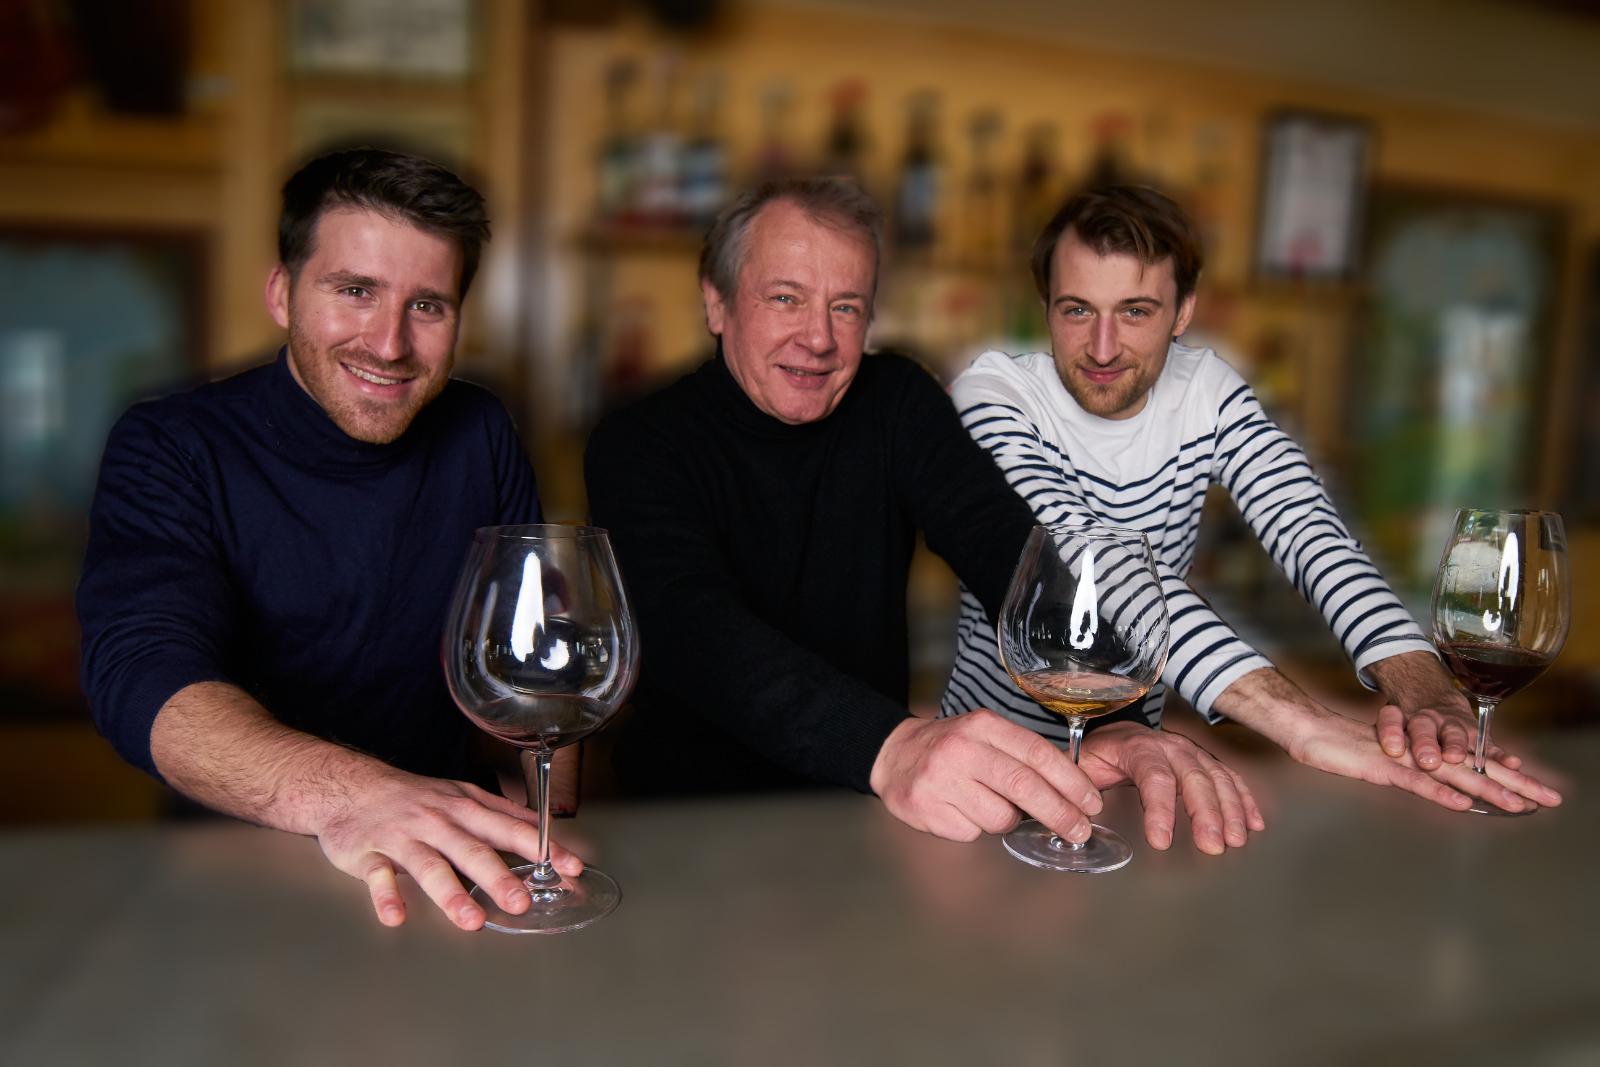 L'équipe D'or et de vins - Quentin Jamrozik, Jean-Luc Jamrozik et Michel Lannou,